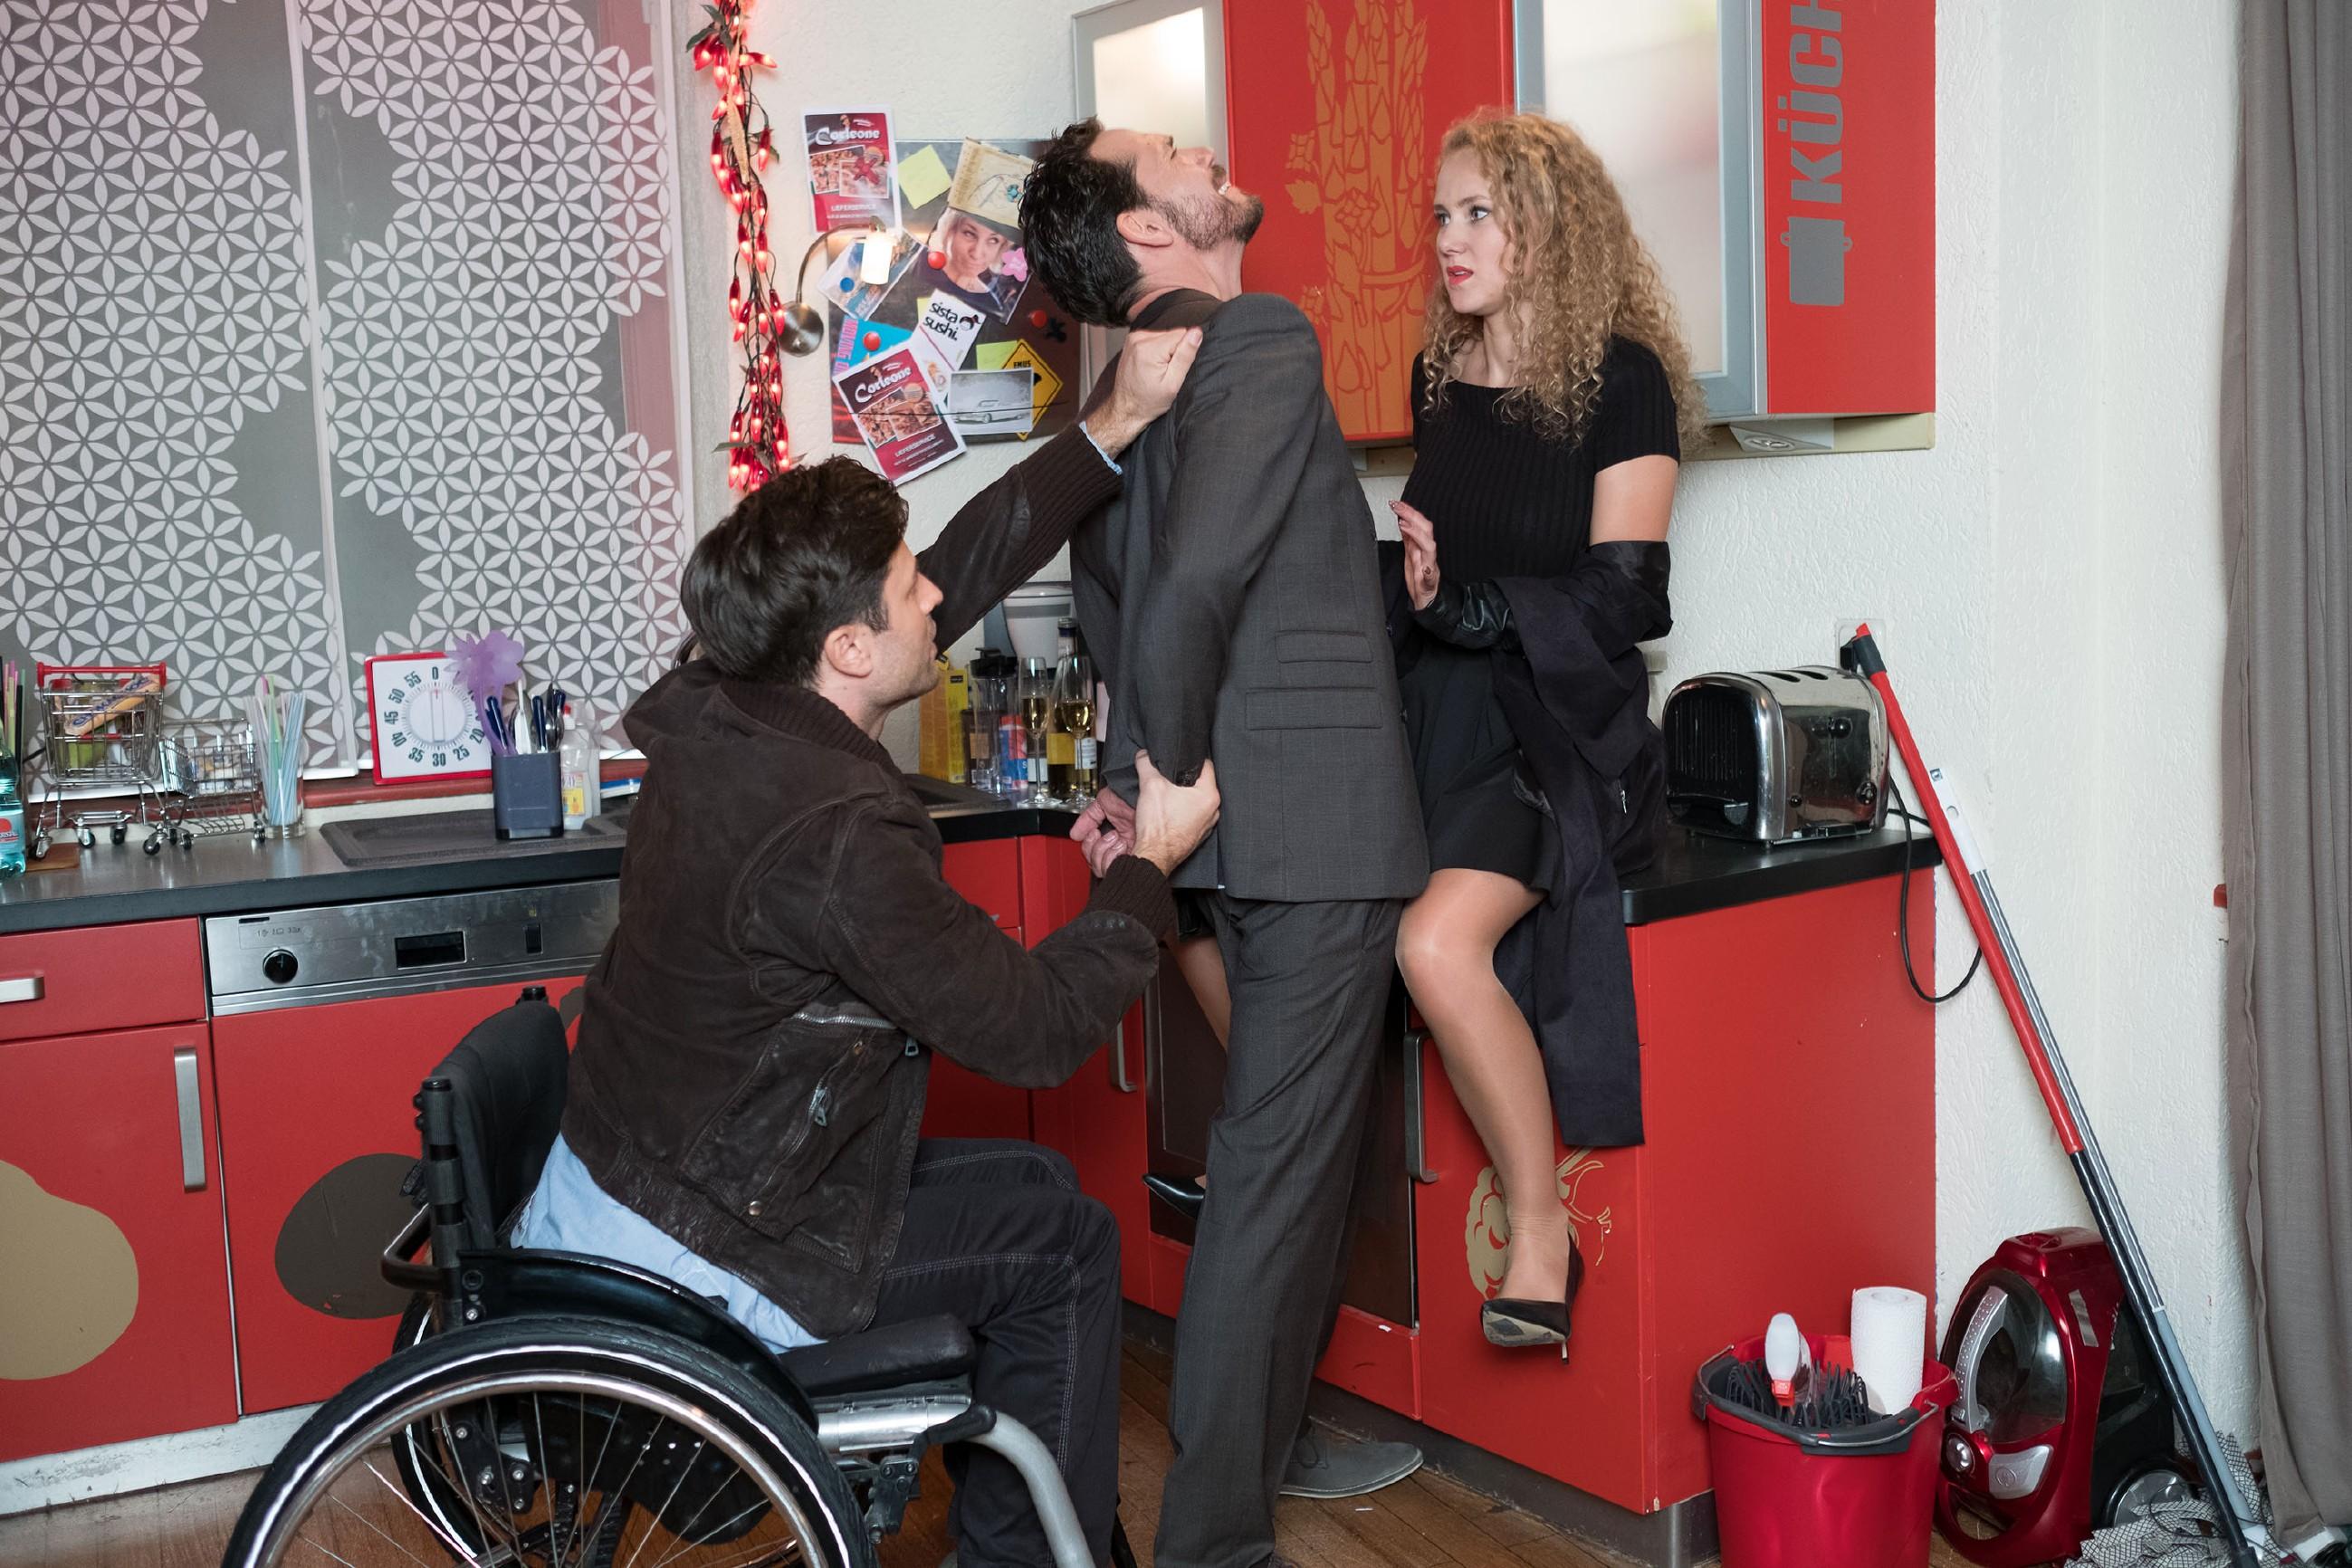 KayC (Pauline Angert) entgeht dank Pacos (Milos Vukovic, l.) entschlossenem Eingreifen, knapp einer Vergewaltigung durch den vermeintlichen Manager Pascal Bremer (Markus Andreas Klauk). (Quelle: RTL / Stefan Behrens)